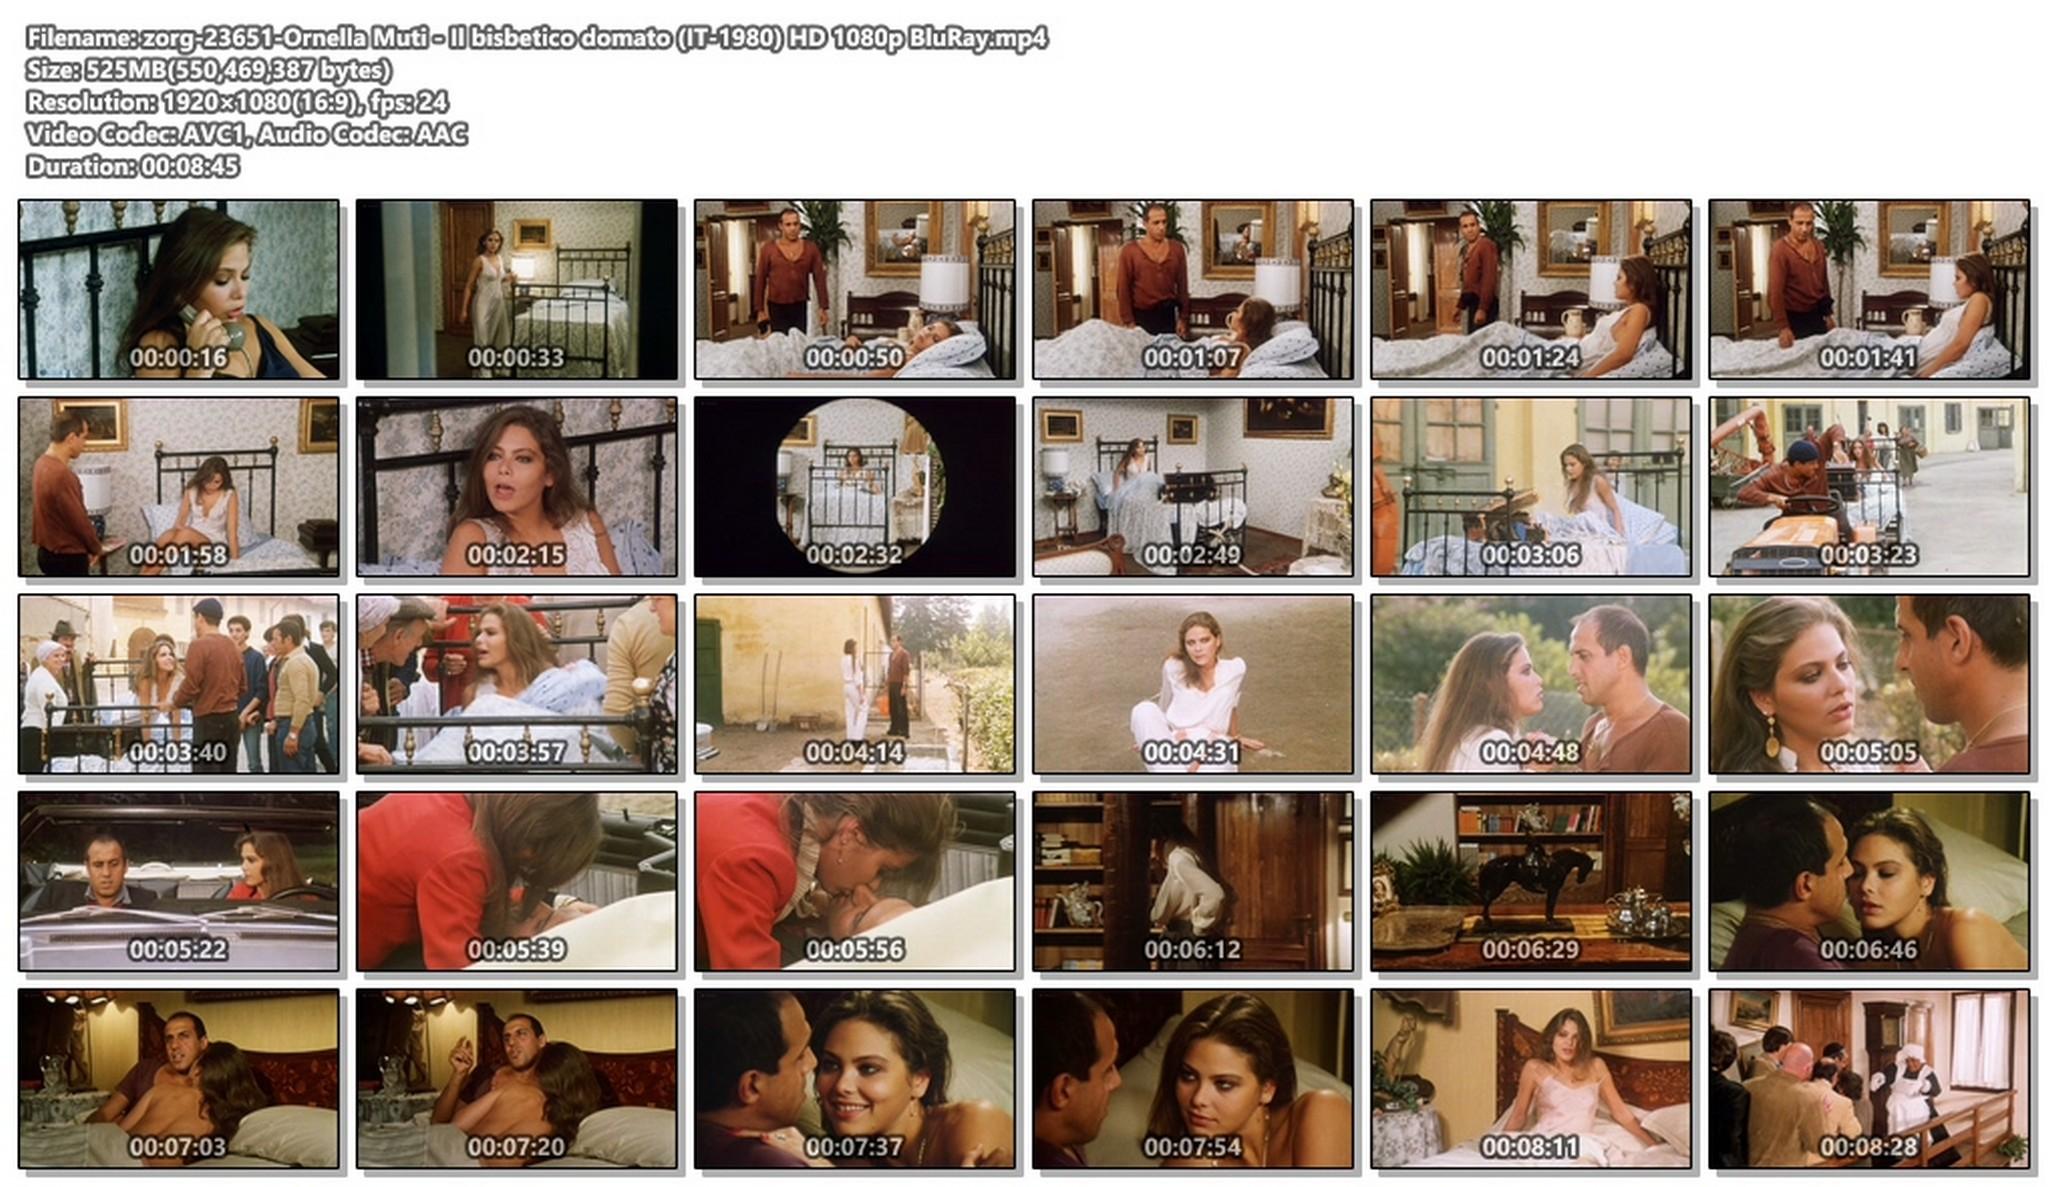 Ornella Muti nude and sexy - Il bisbetico domato (IT-1980) HD 1080p BluRay (1)